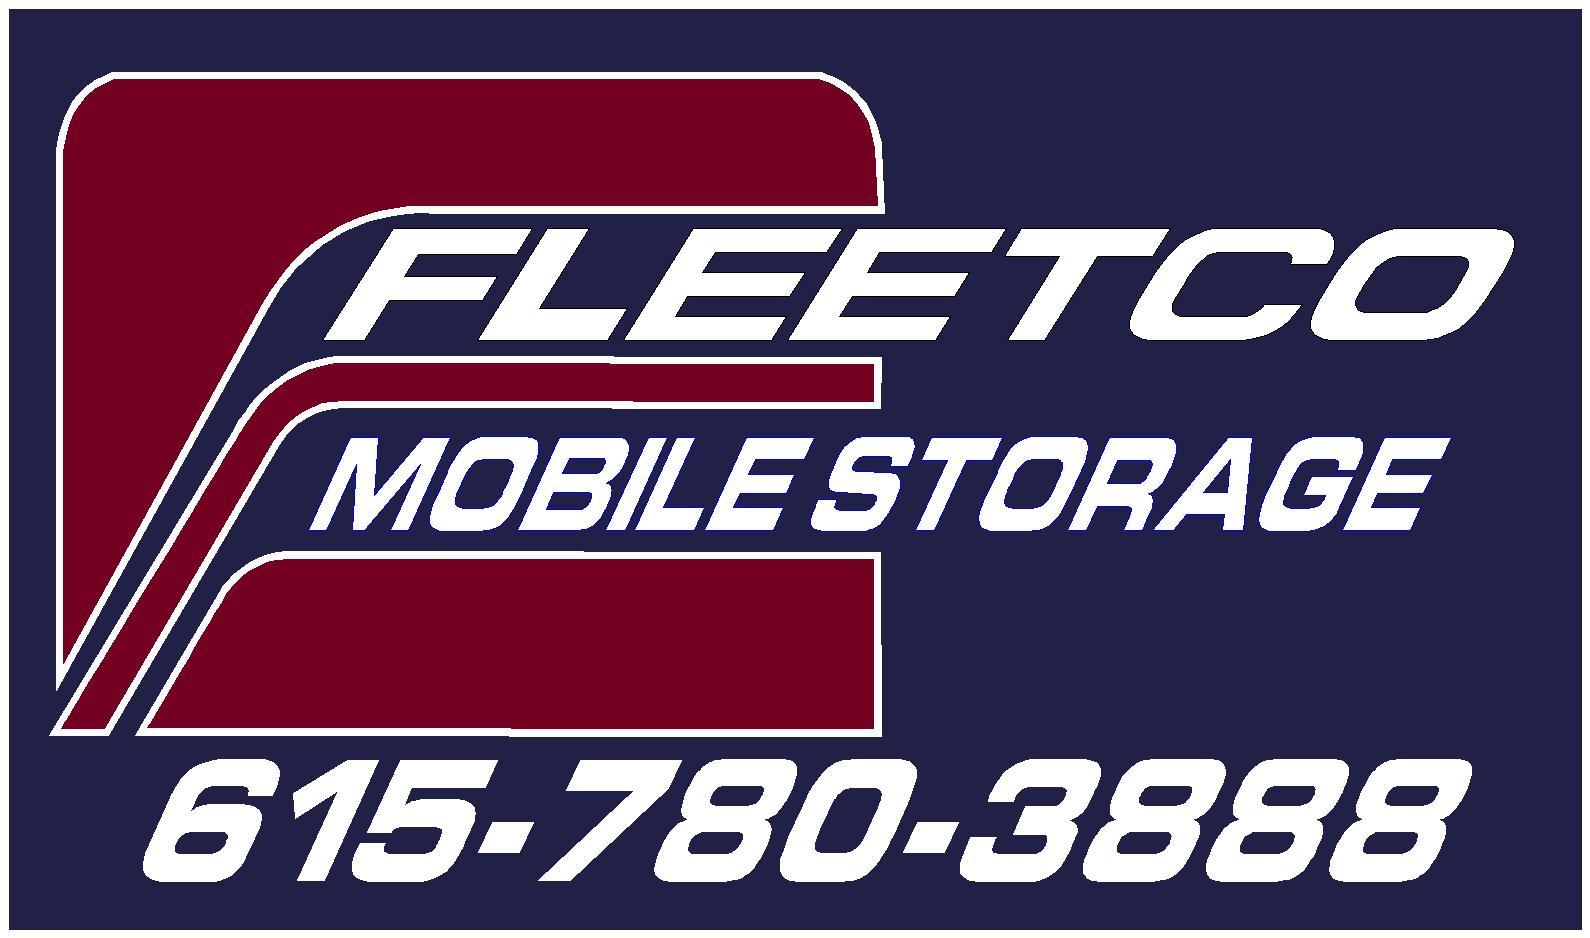 Fleetco Mobile Storage image 6